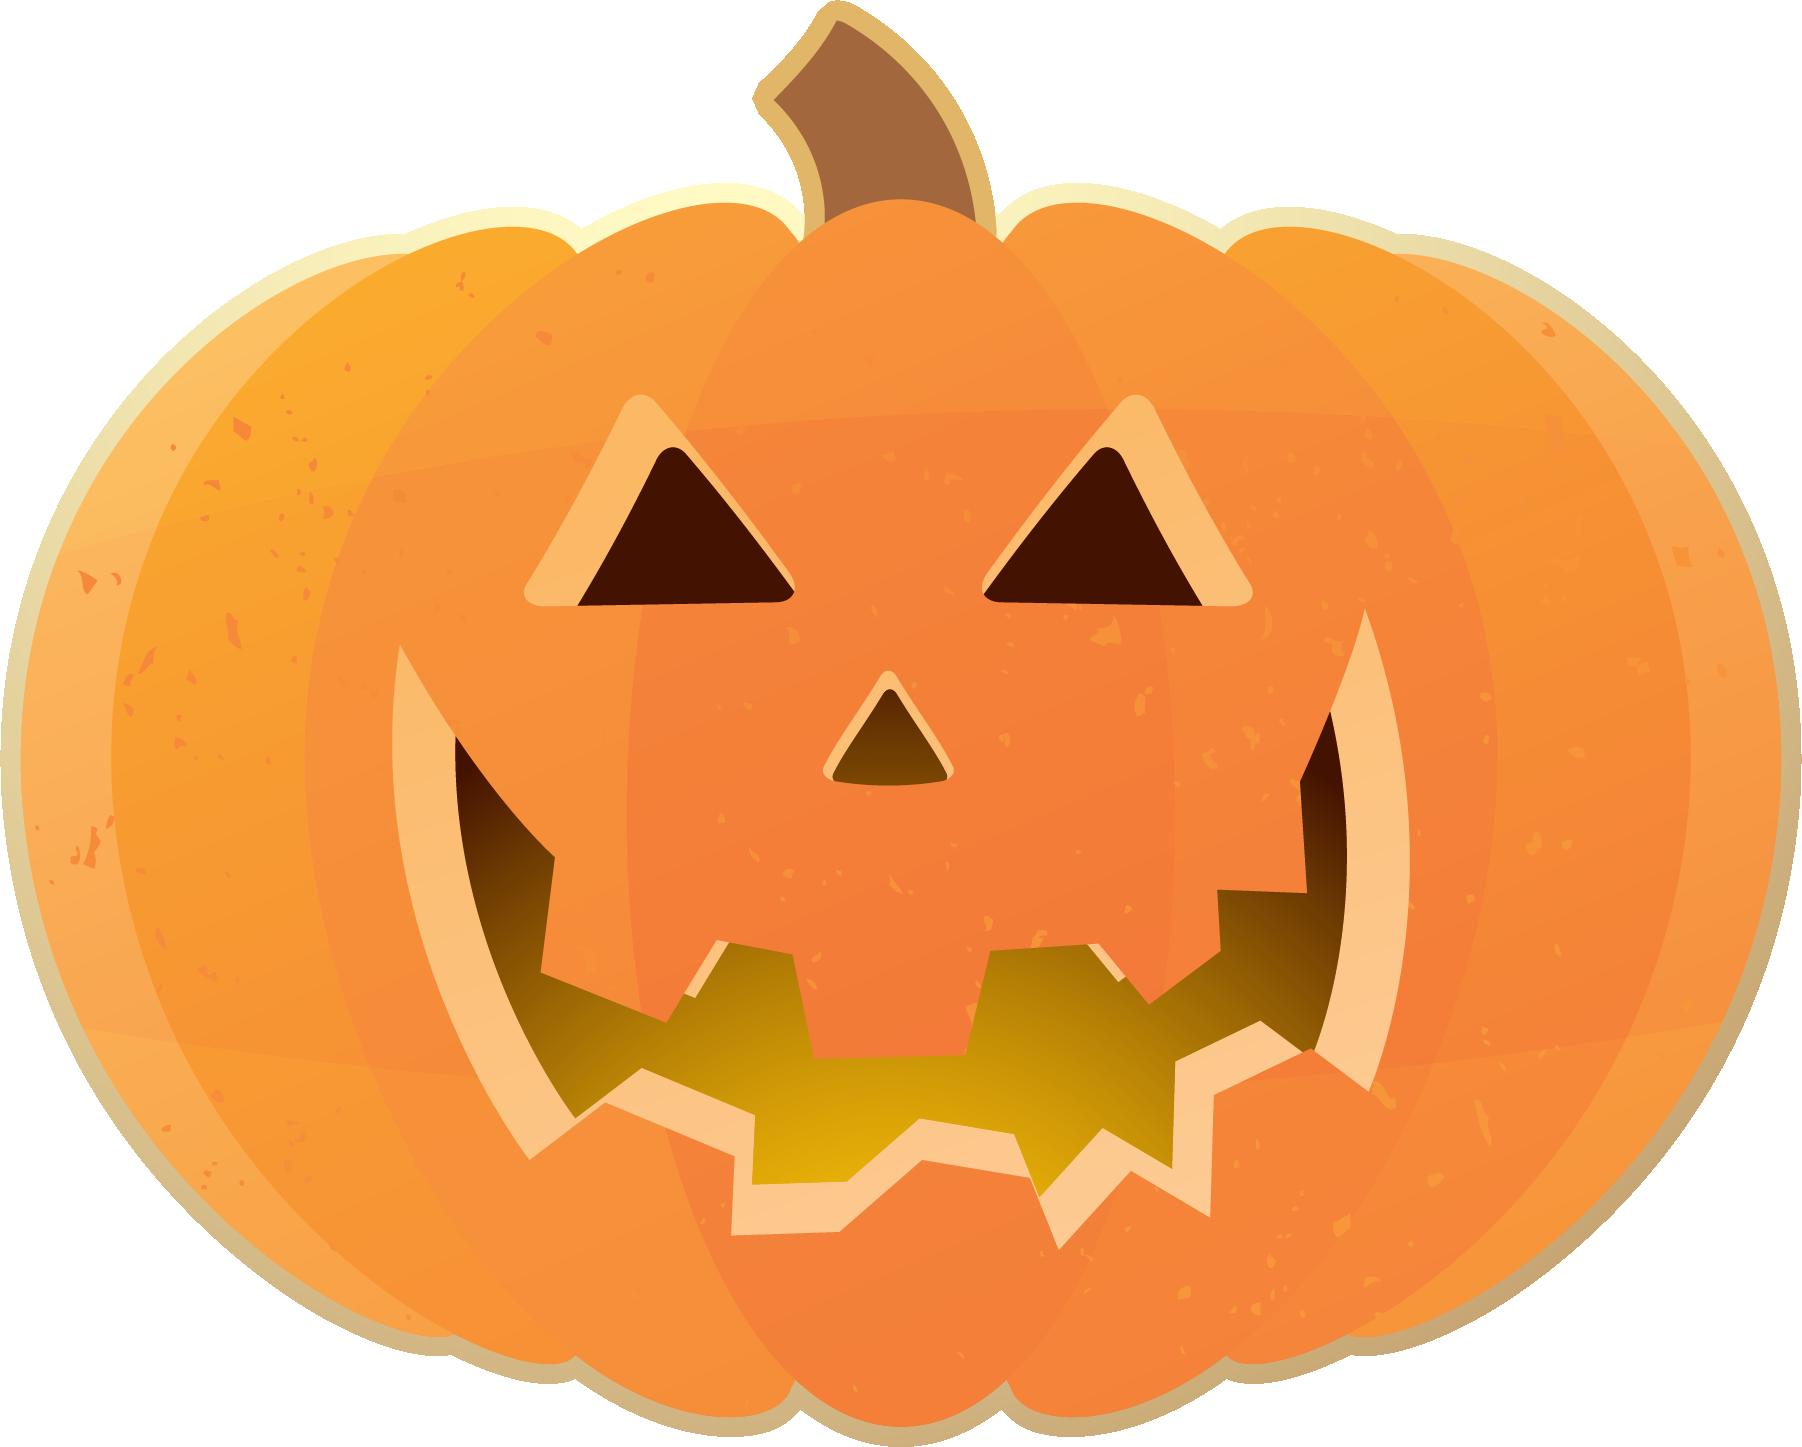 Pumpkin Carvings | Love it ?